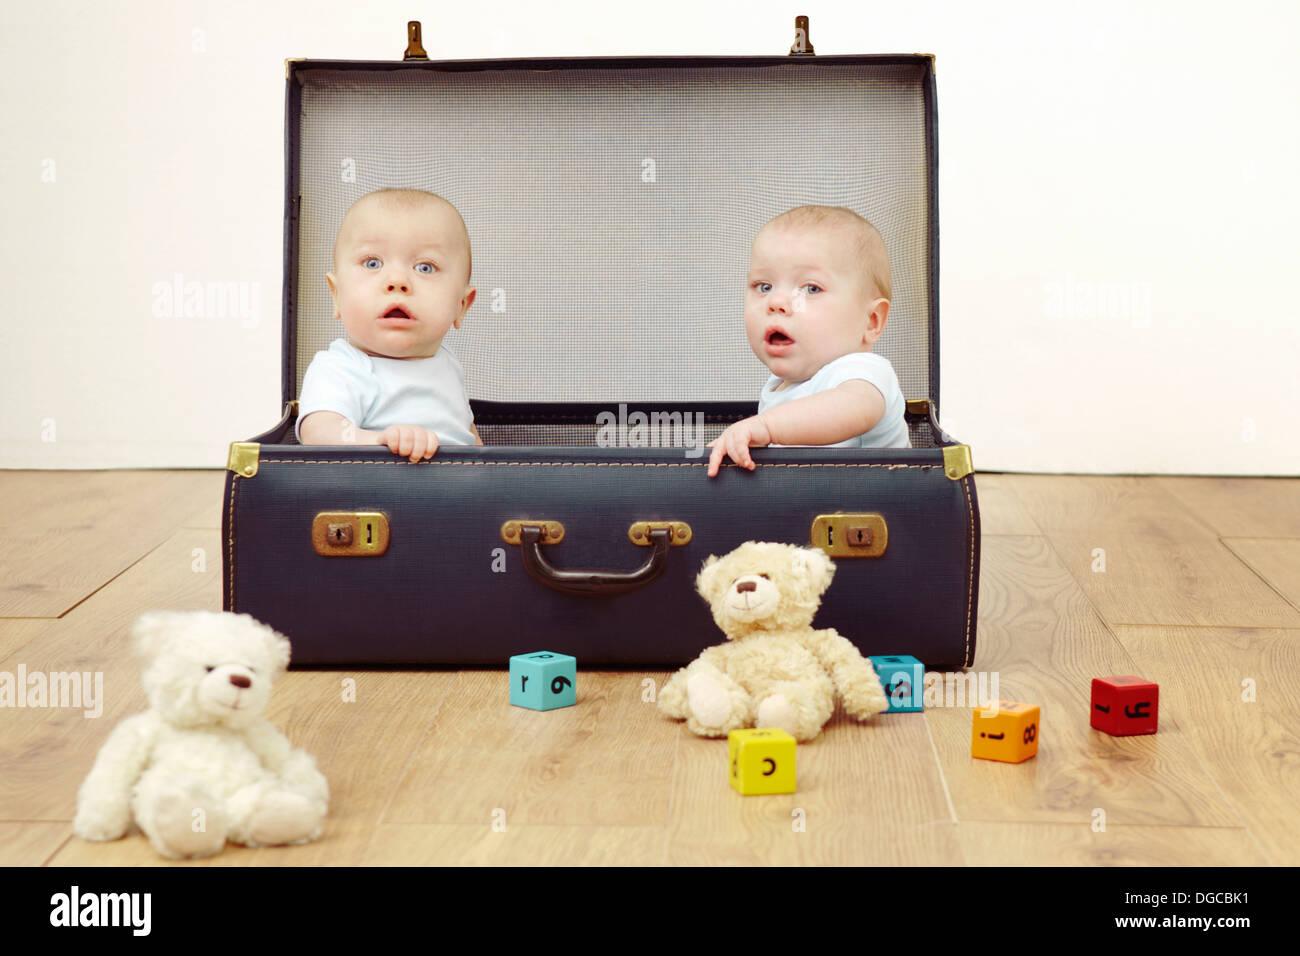 Deux garçons de bébé assis dans suitcase, portrait Photo Stock